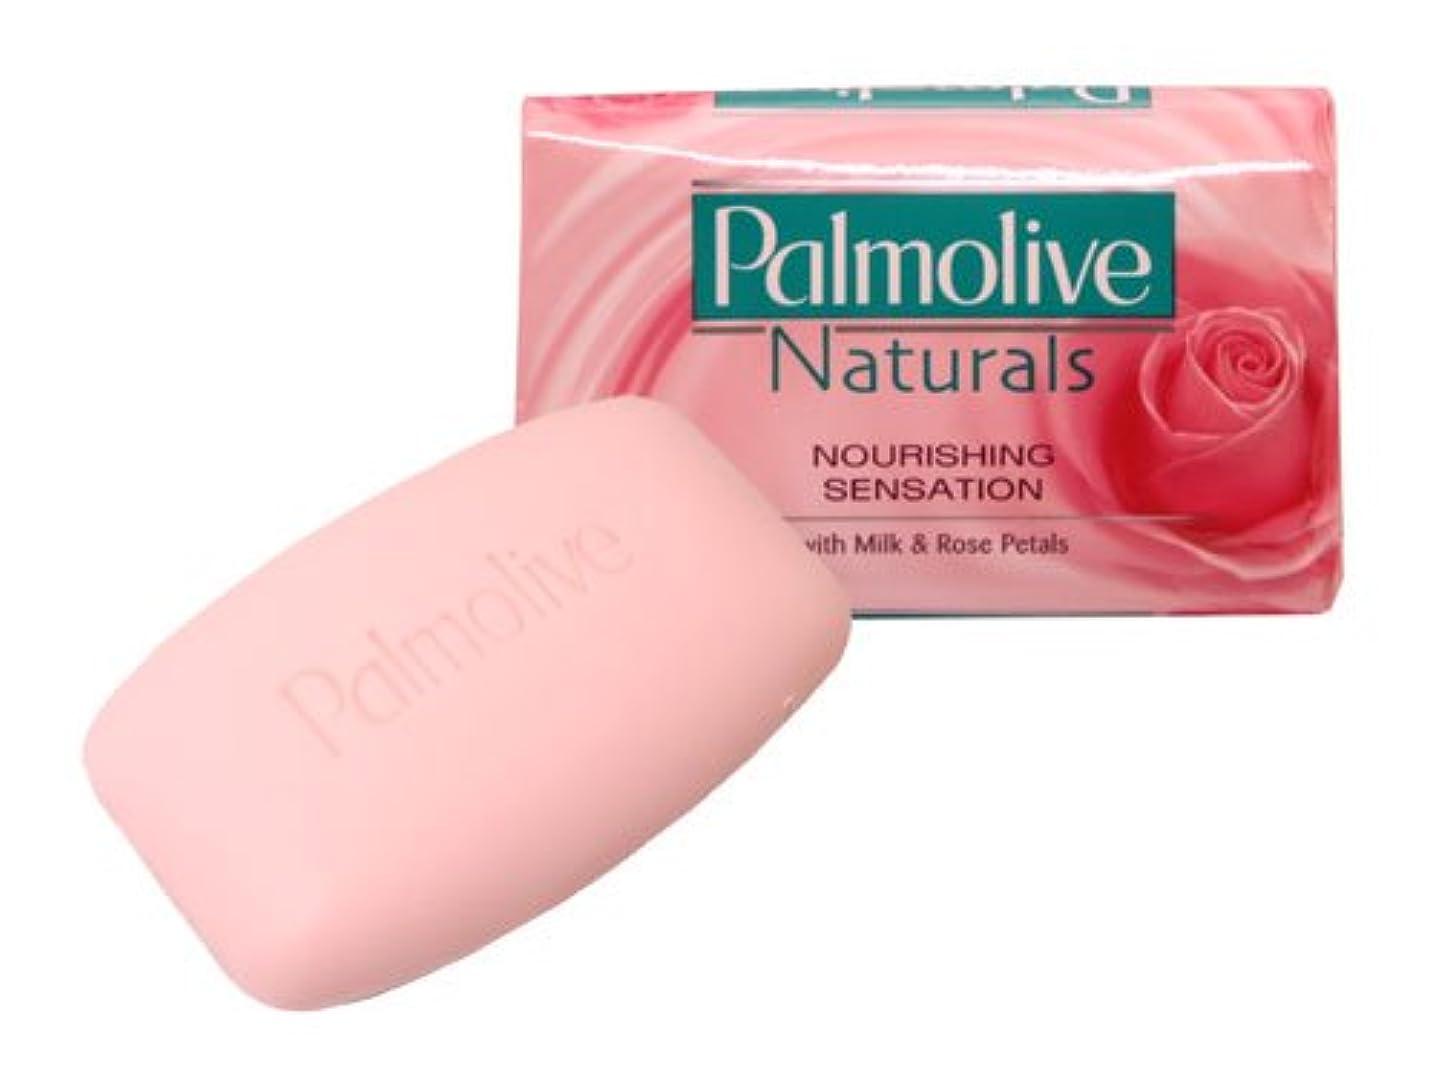 毒性知的有害な【Palmolive】パルモリーブ ナチュラルズ石鹸3個パック(ミルク&ローズ)